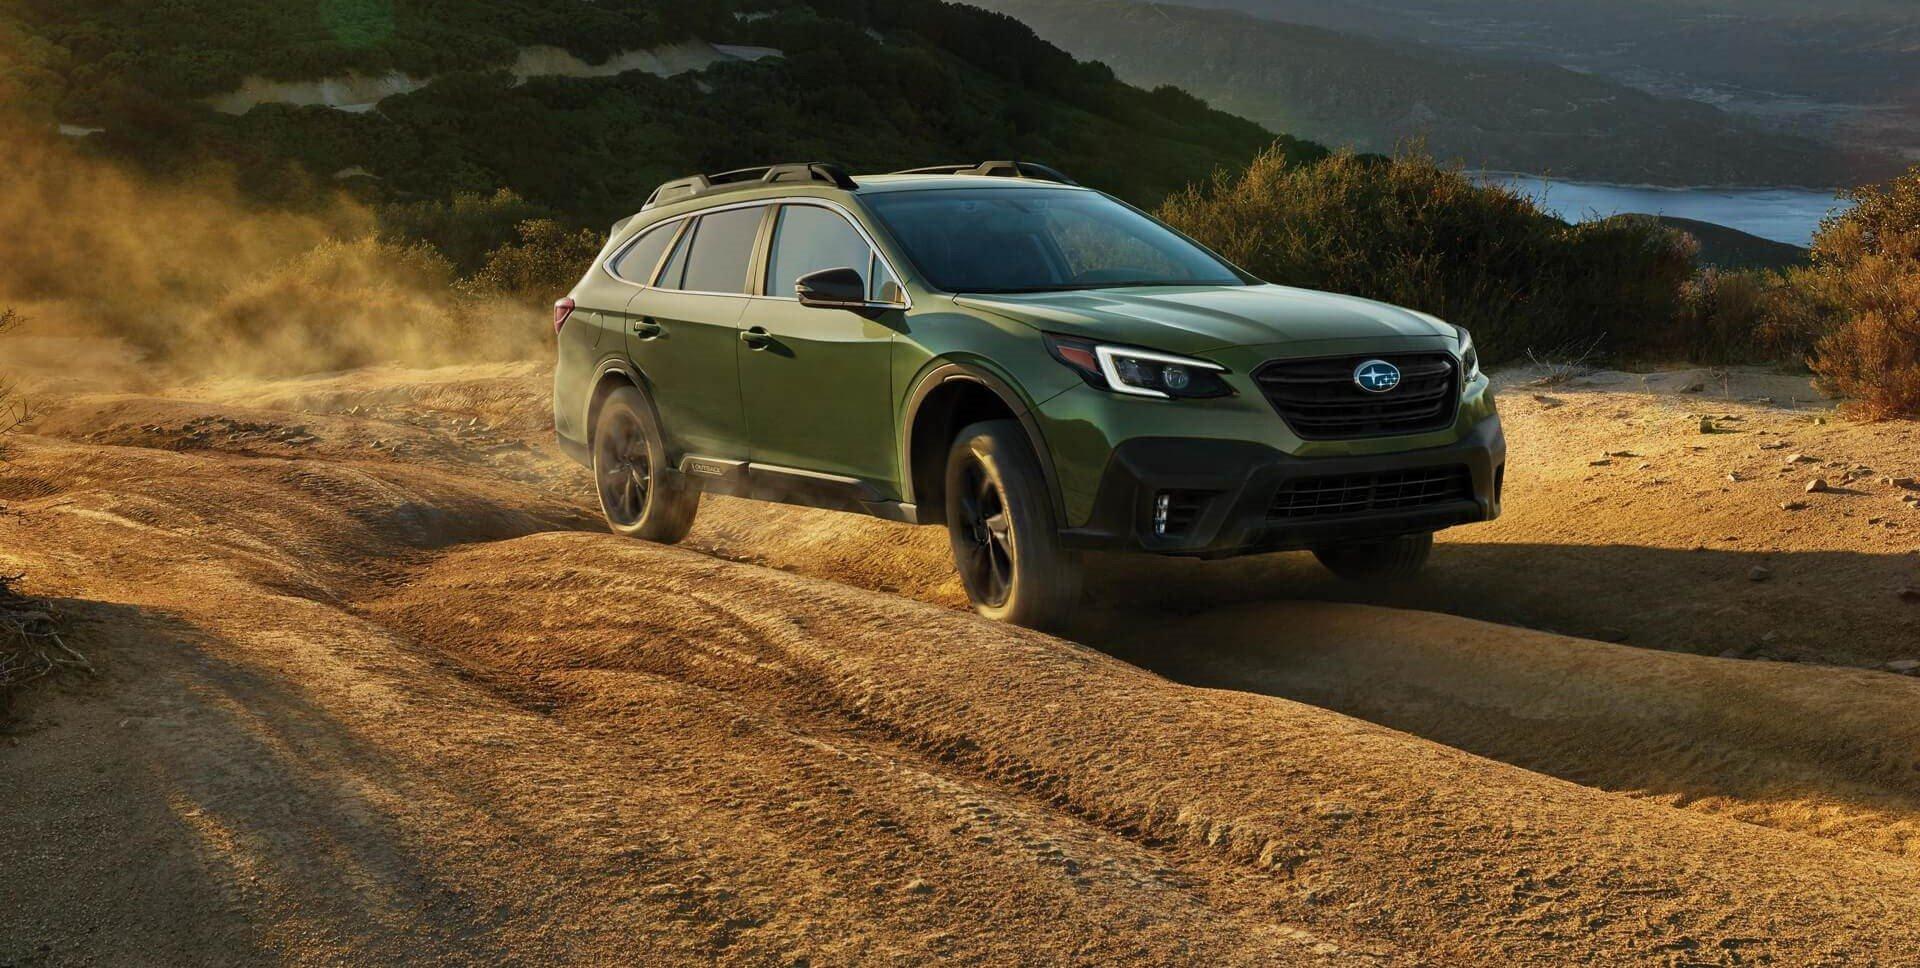 New Motors Subaru Erie Pa >> New Subaru Outback